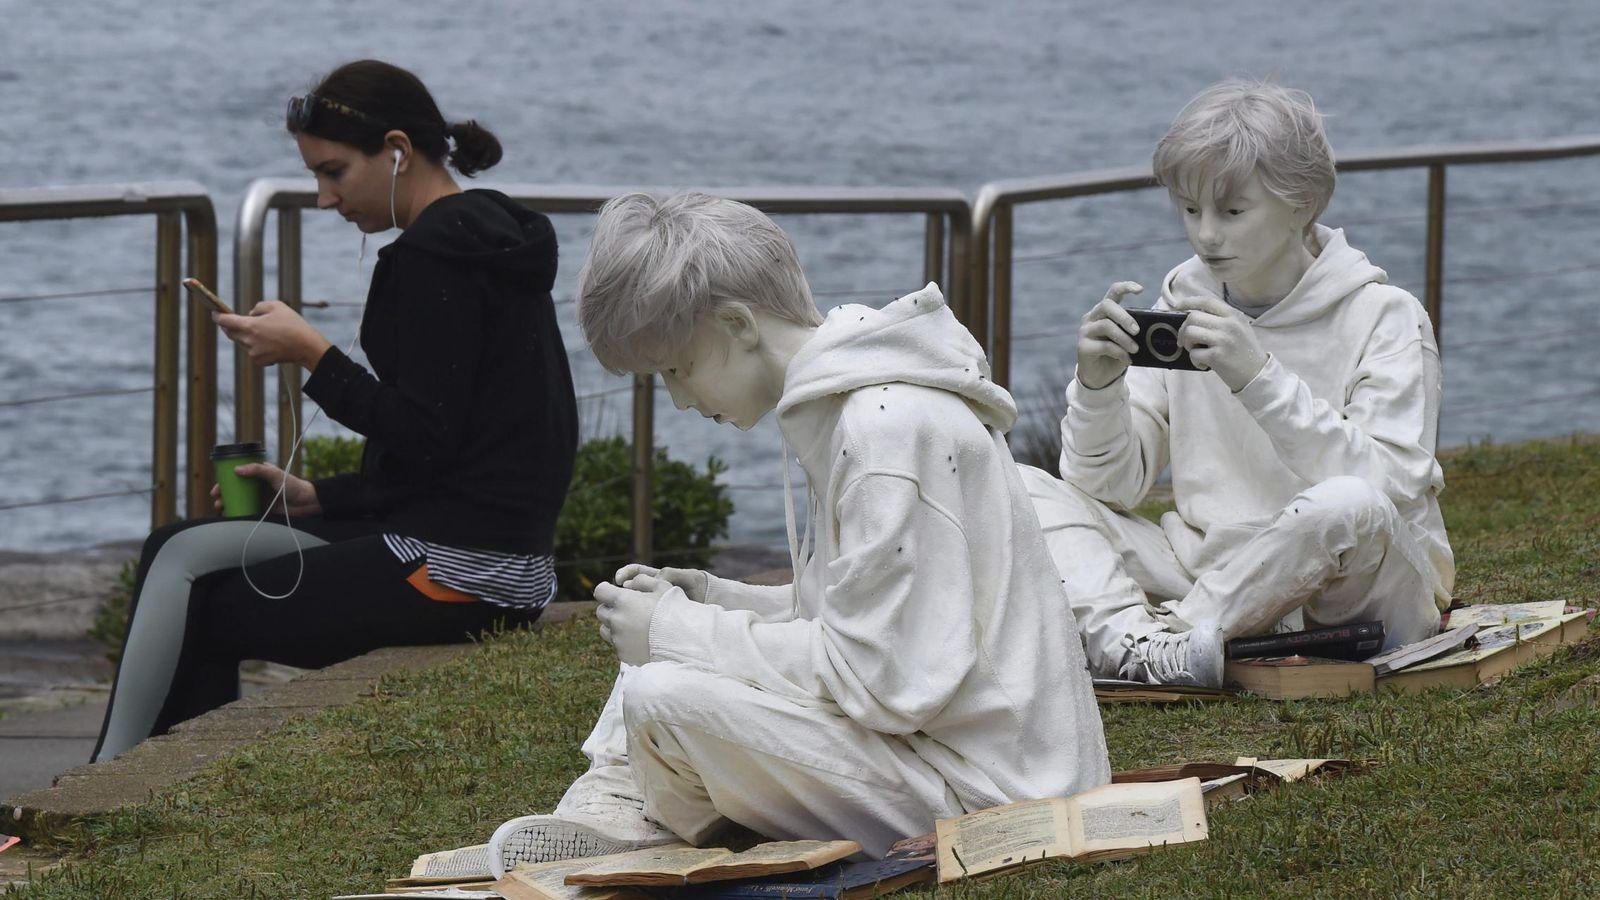 Llenan Mar Esculturas Costas Las Se De Sídney Al Junto CorxBWed